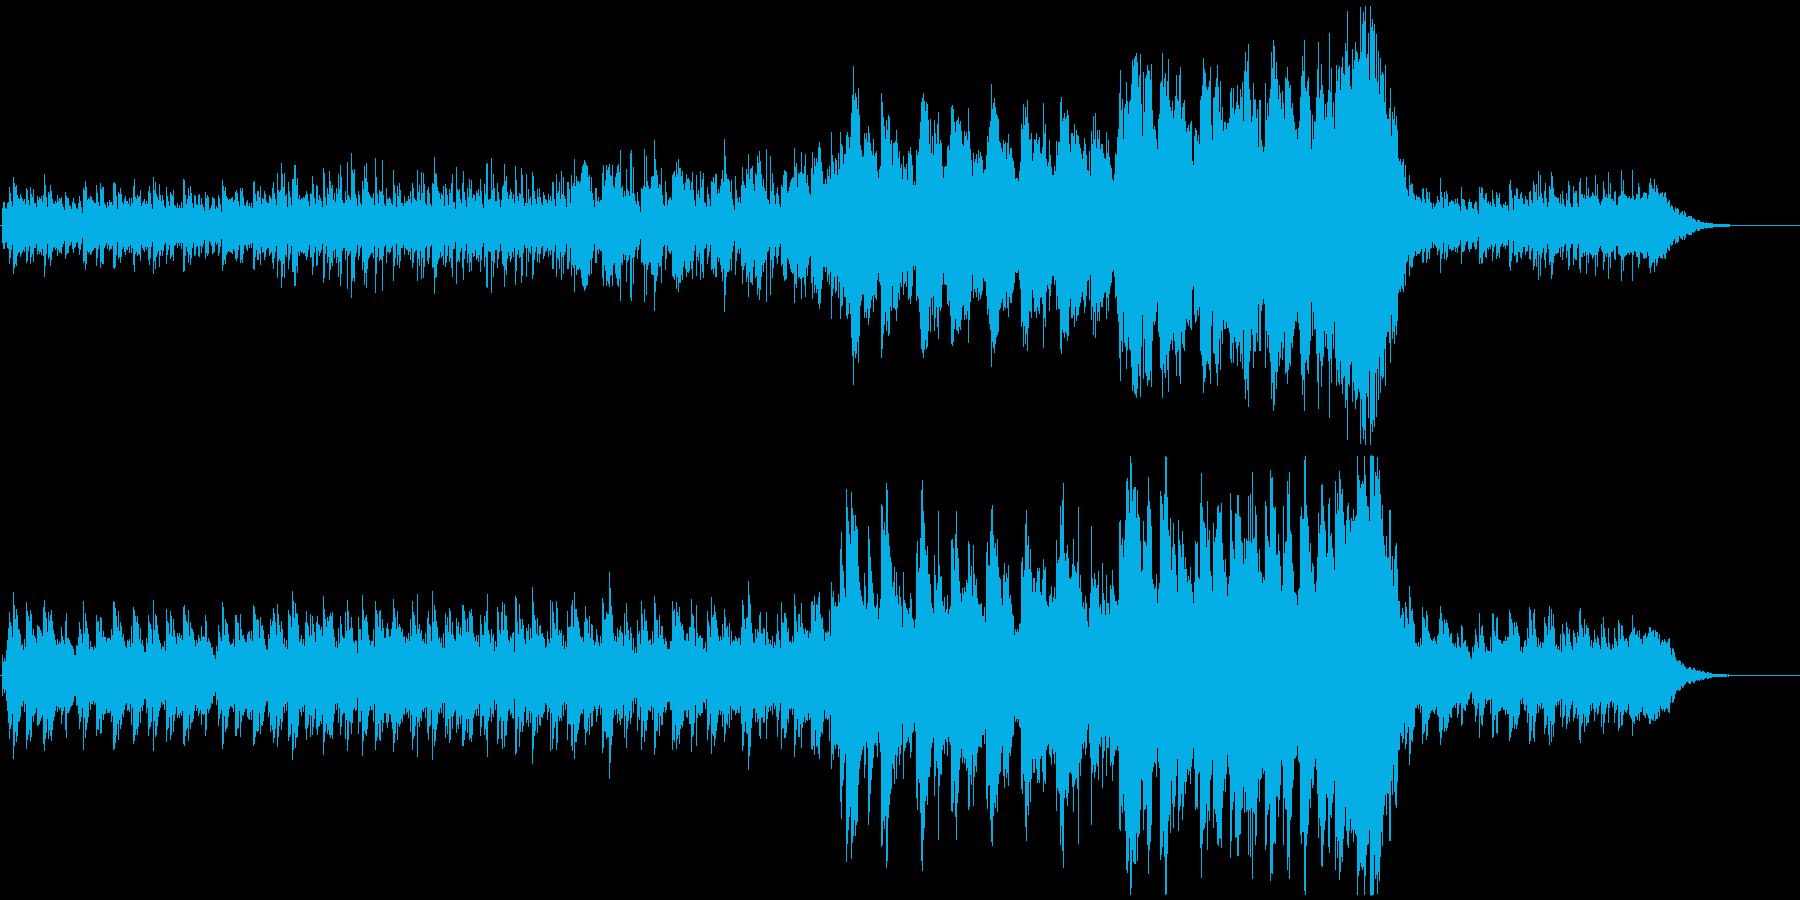 凛としたピアノが印象的なニューエイジの再生済みの波形